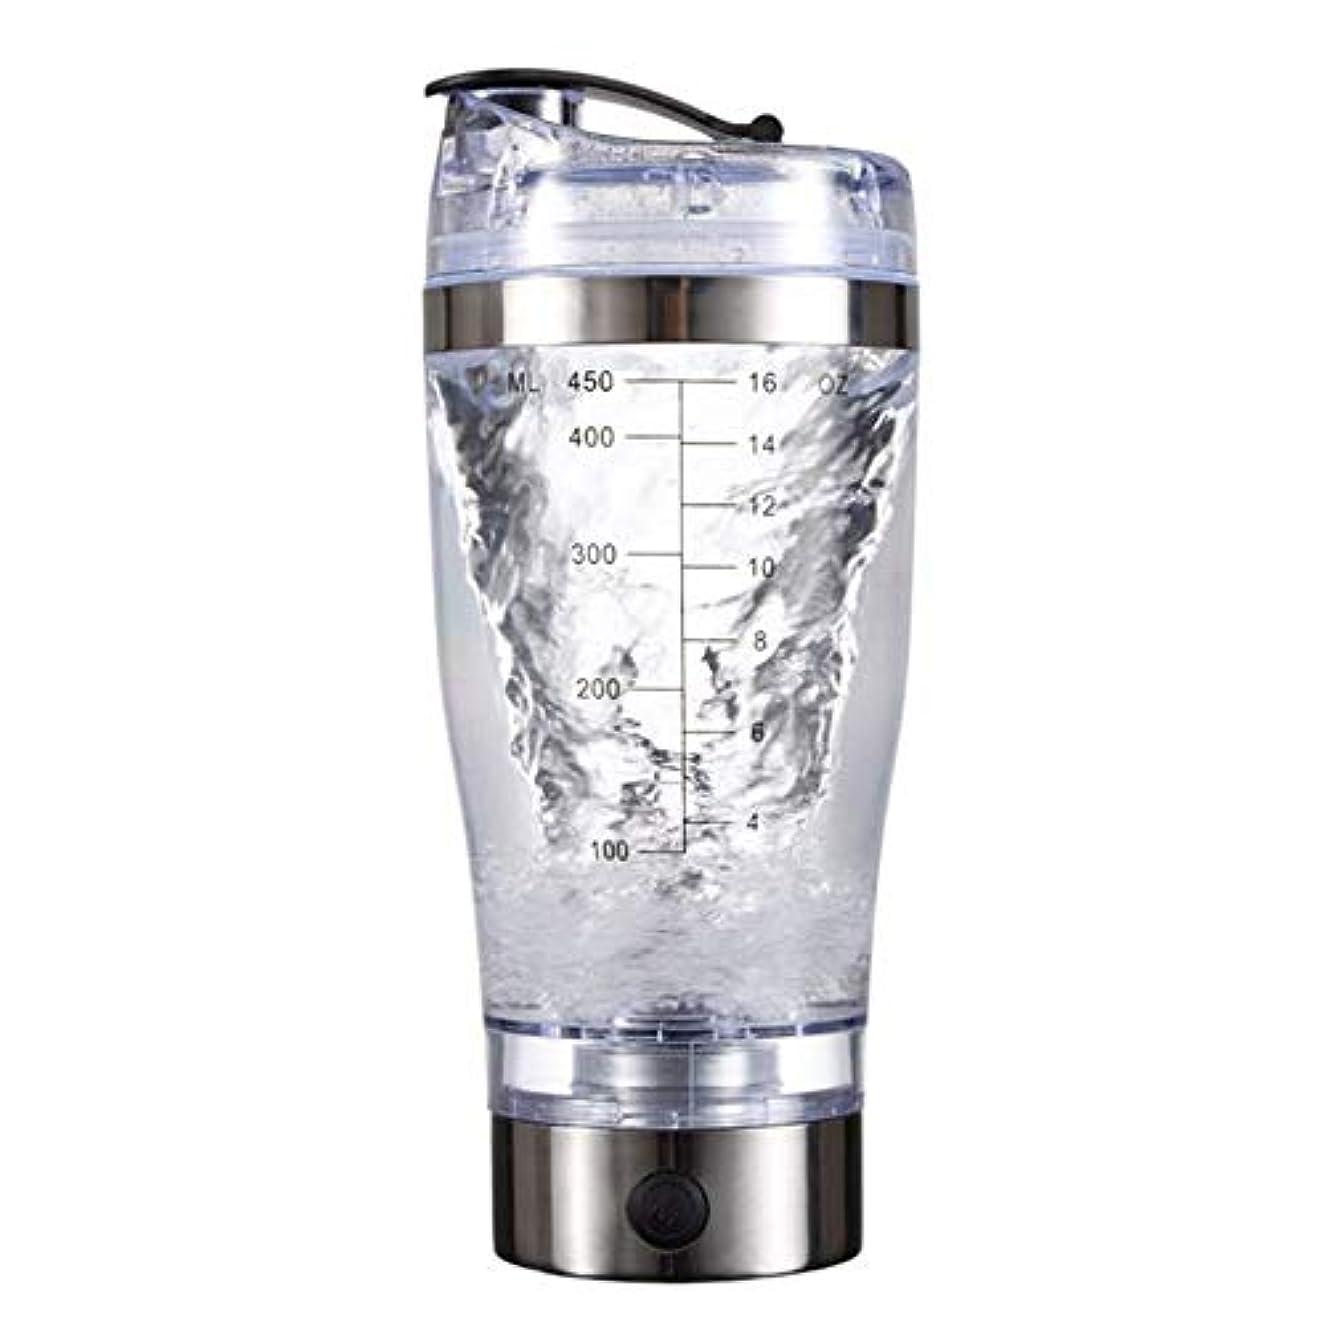 ロケット繰り返した反毒Alioay 電動シェーカー プロテインシェーカー プロテインミキサー シェーカーボトル ミキサー 電池式 450ml 多機能 コーヒーミキサー 自動 電池式 栄養補給 健康素材 漏れ防止